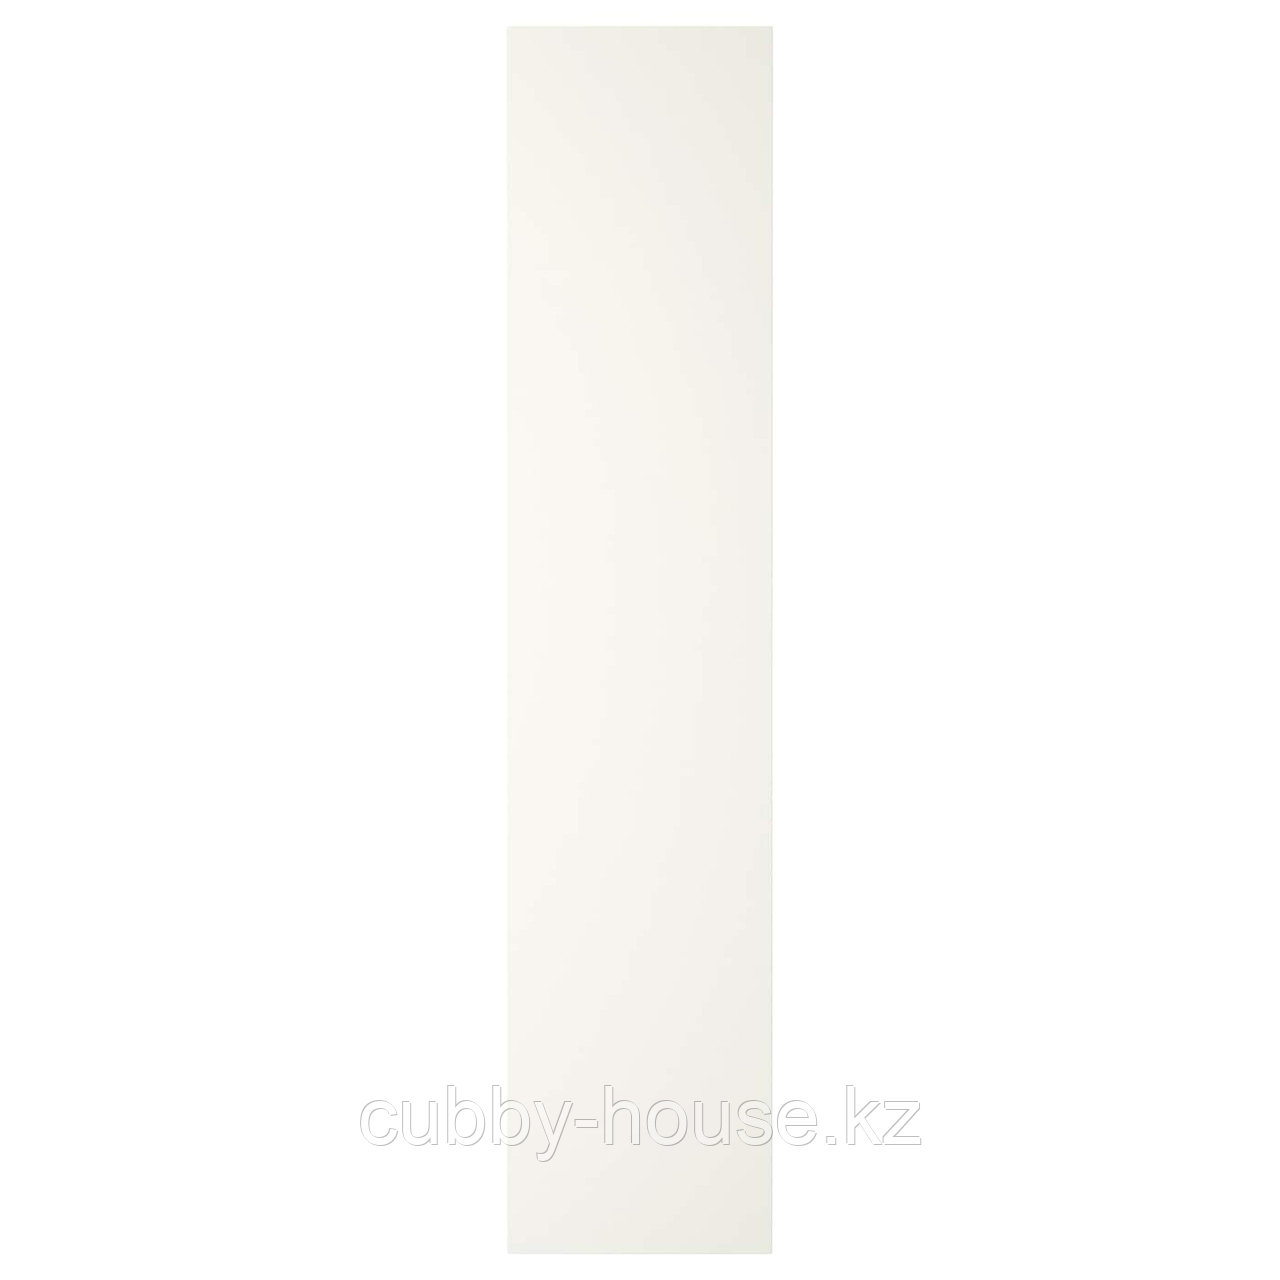 ФОРСАНД Дверь, белый, 50x229 см